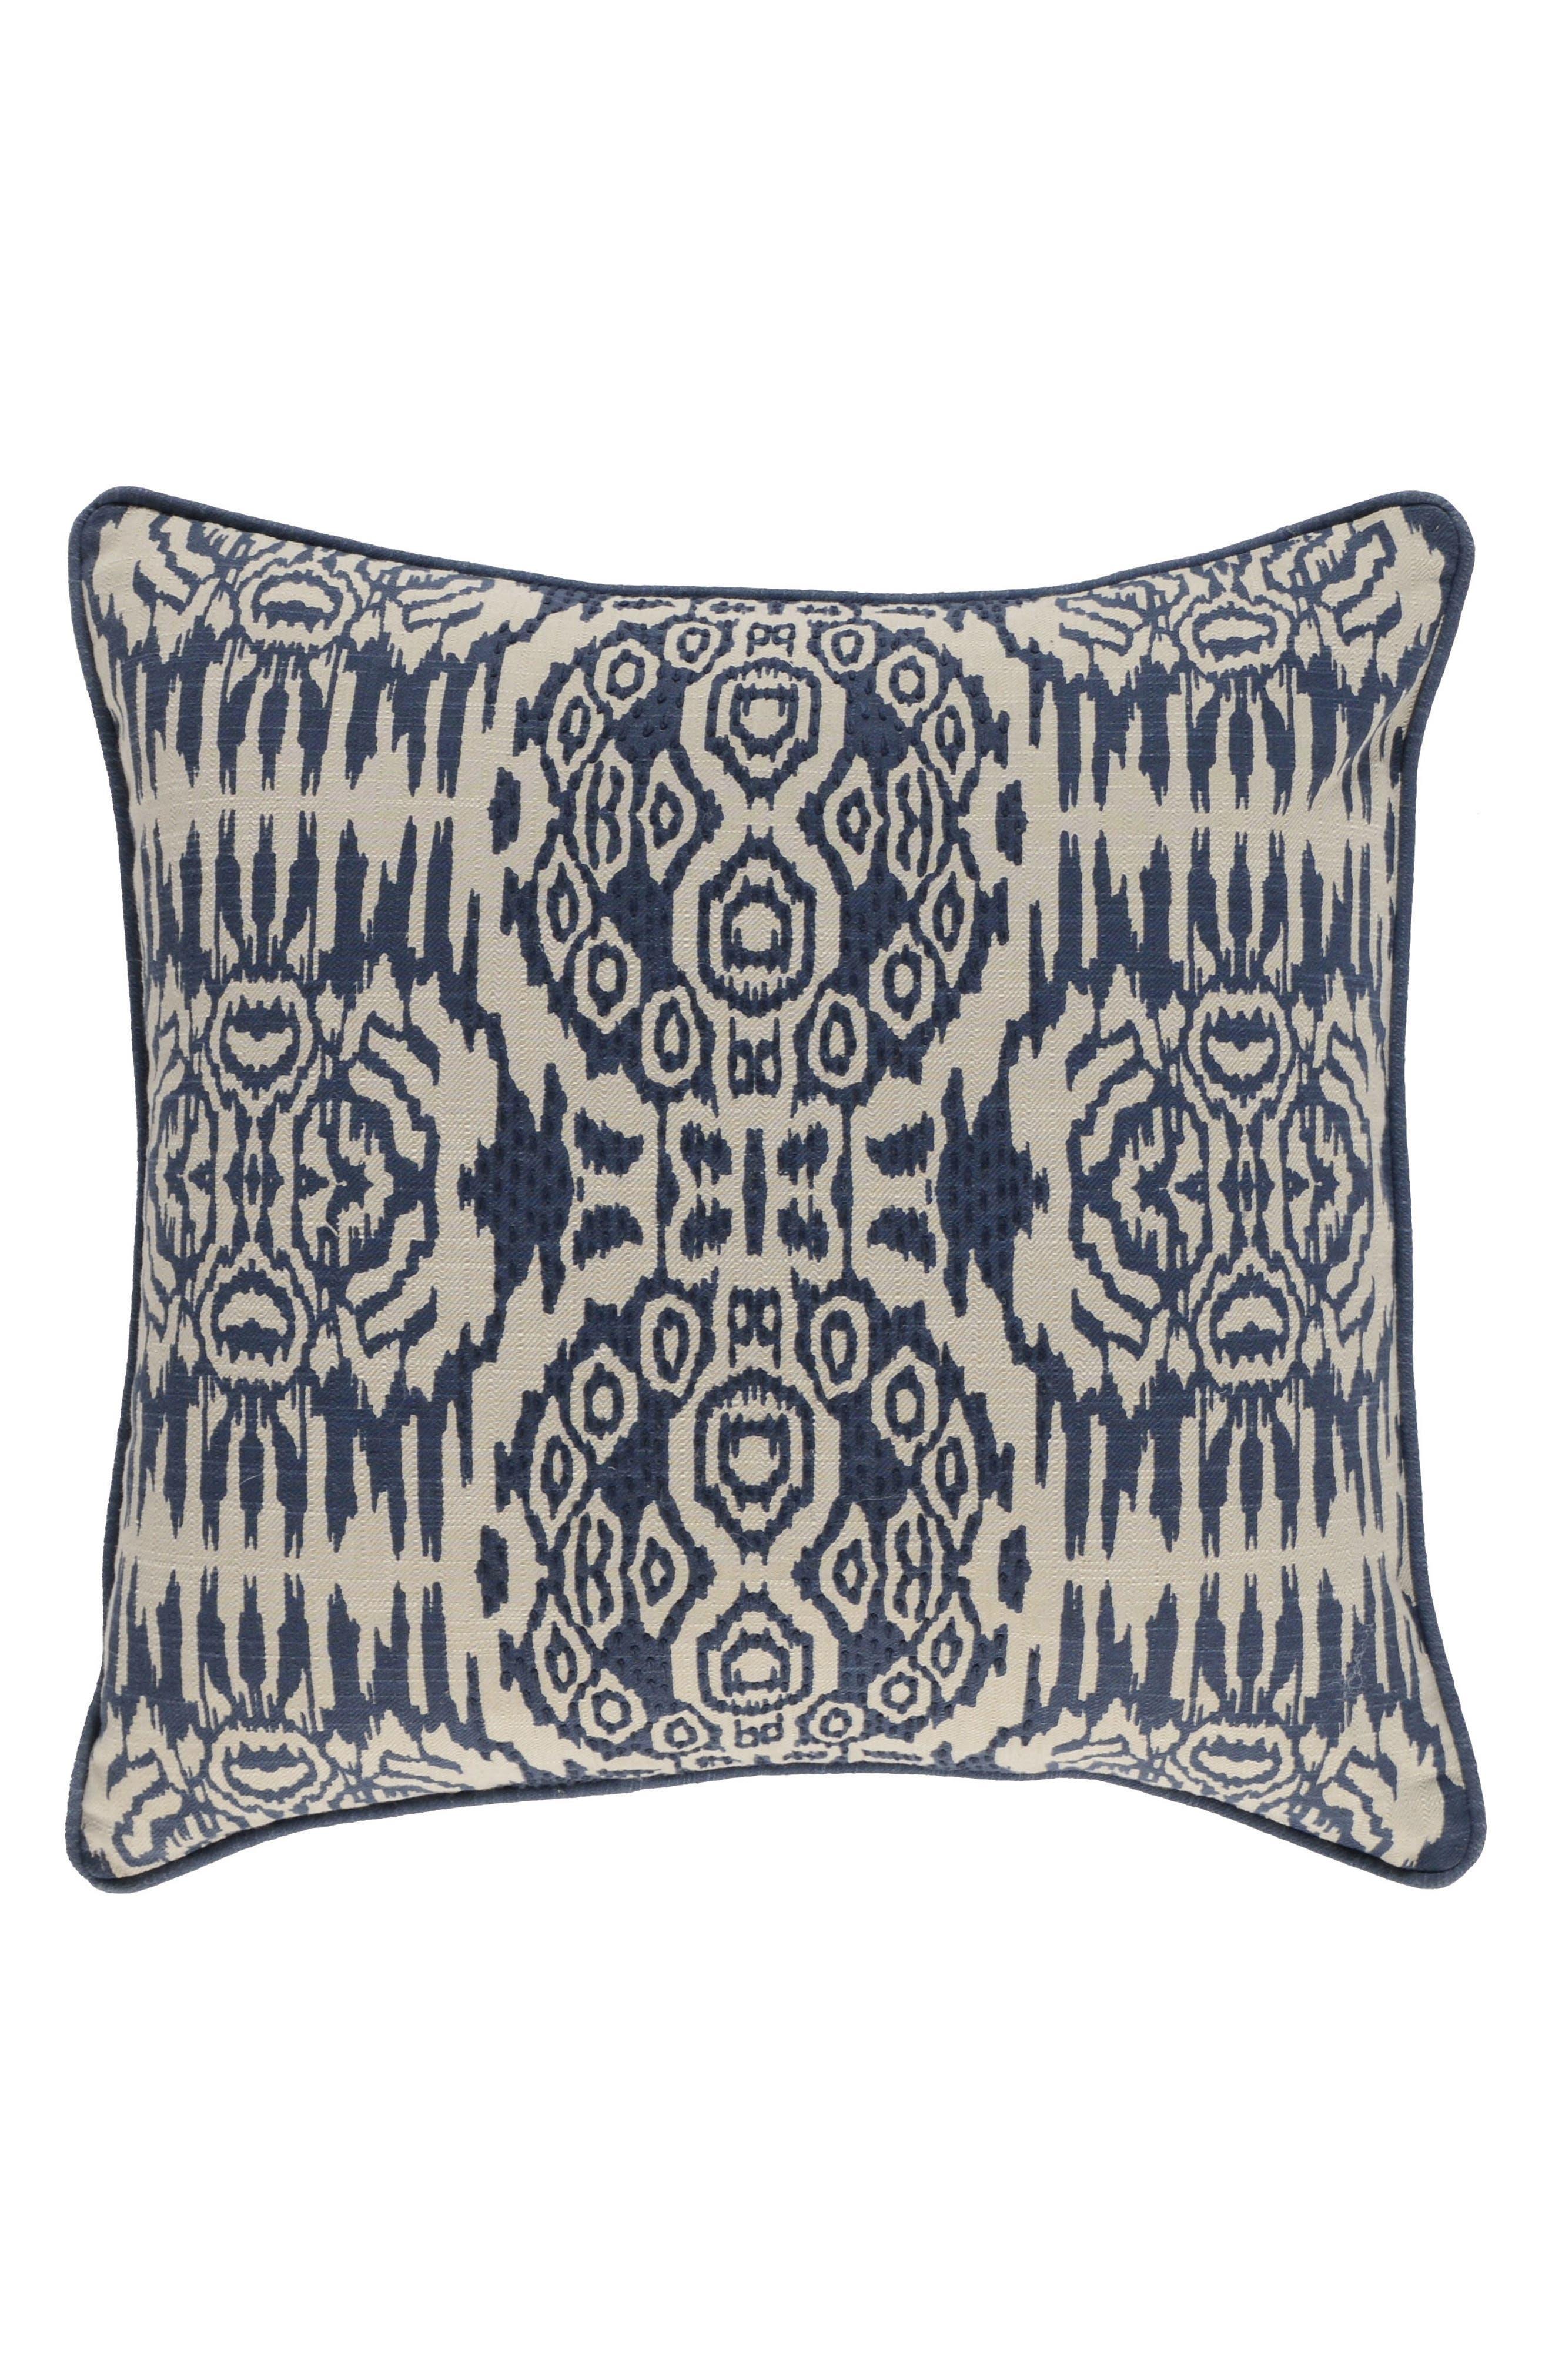 Villa Home Collection Kiaan Accent Pillow